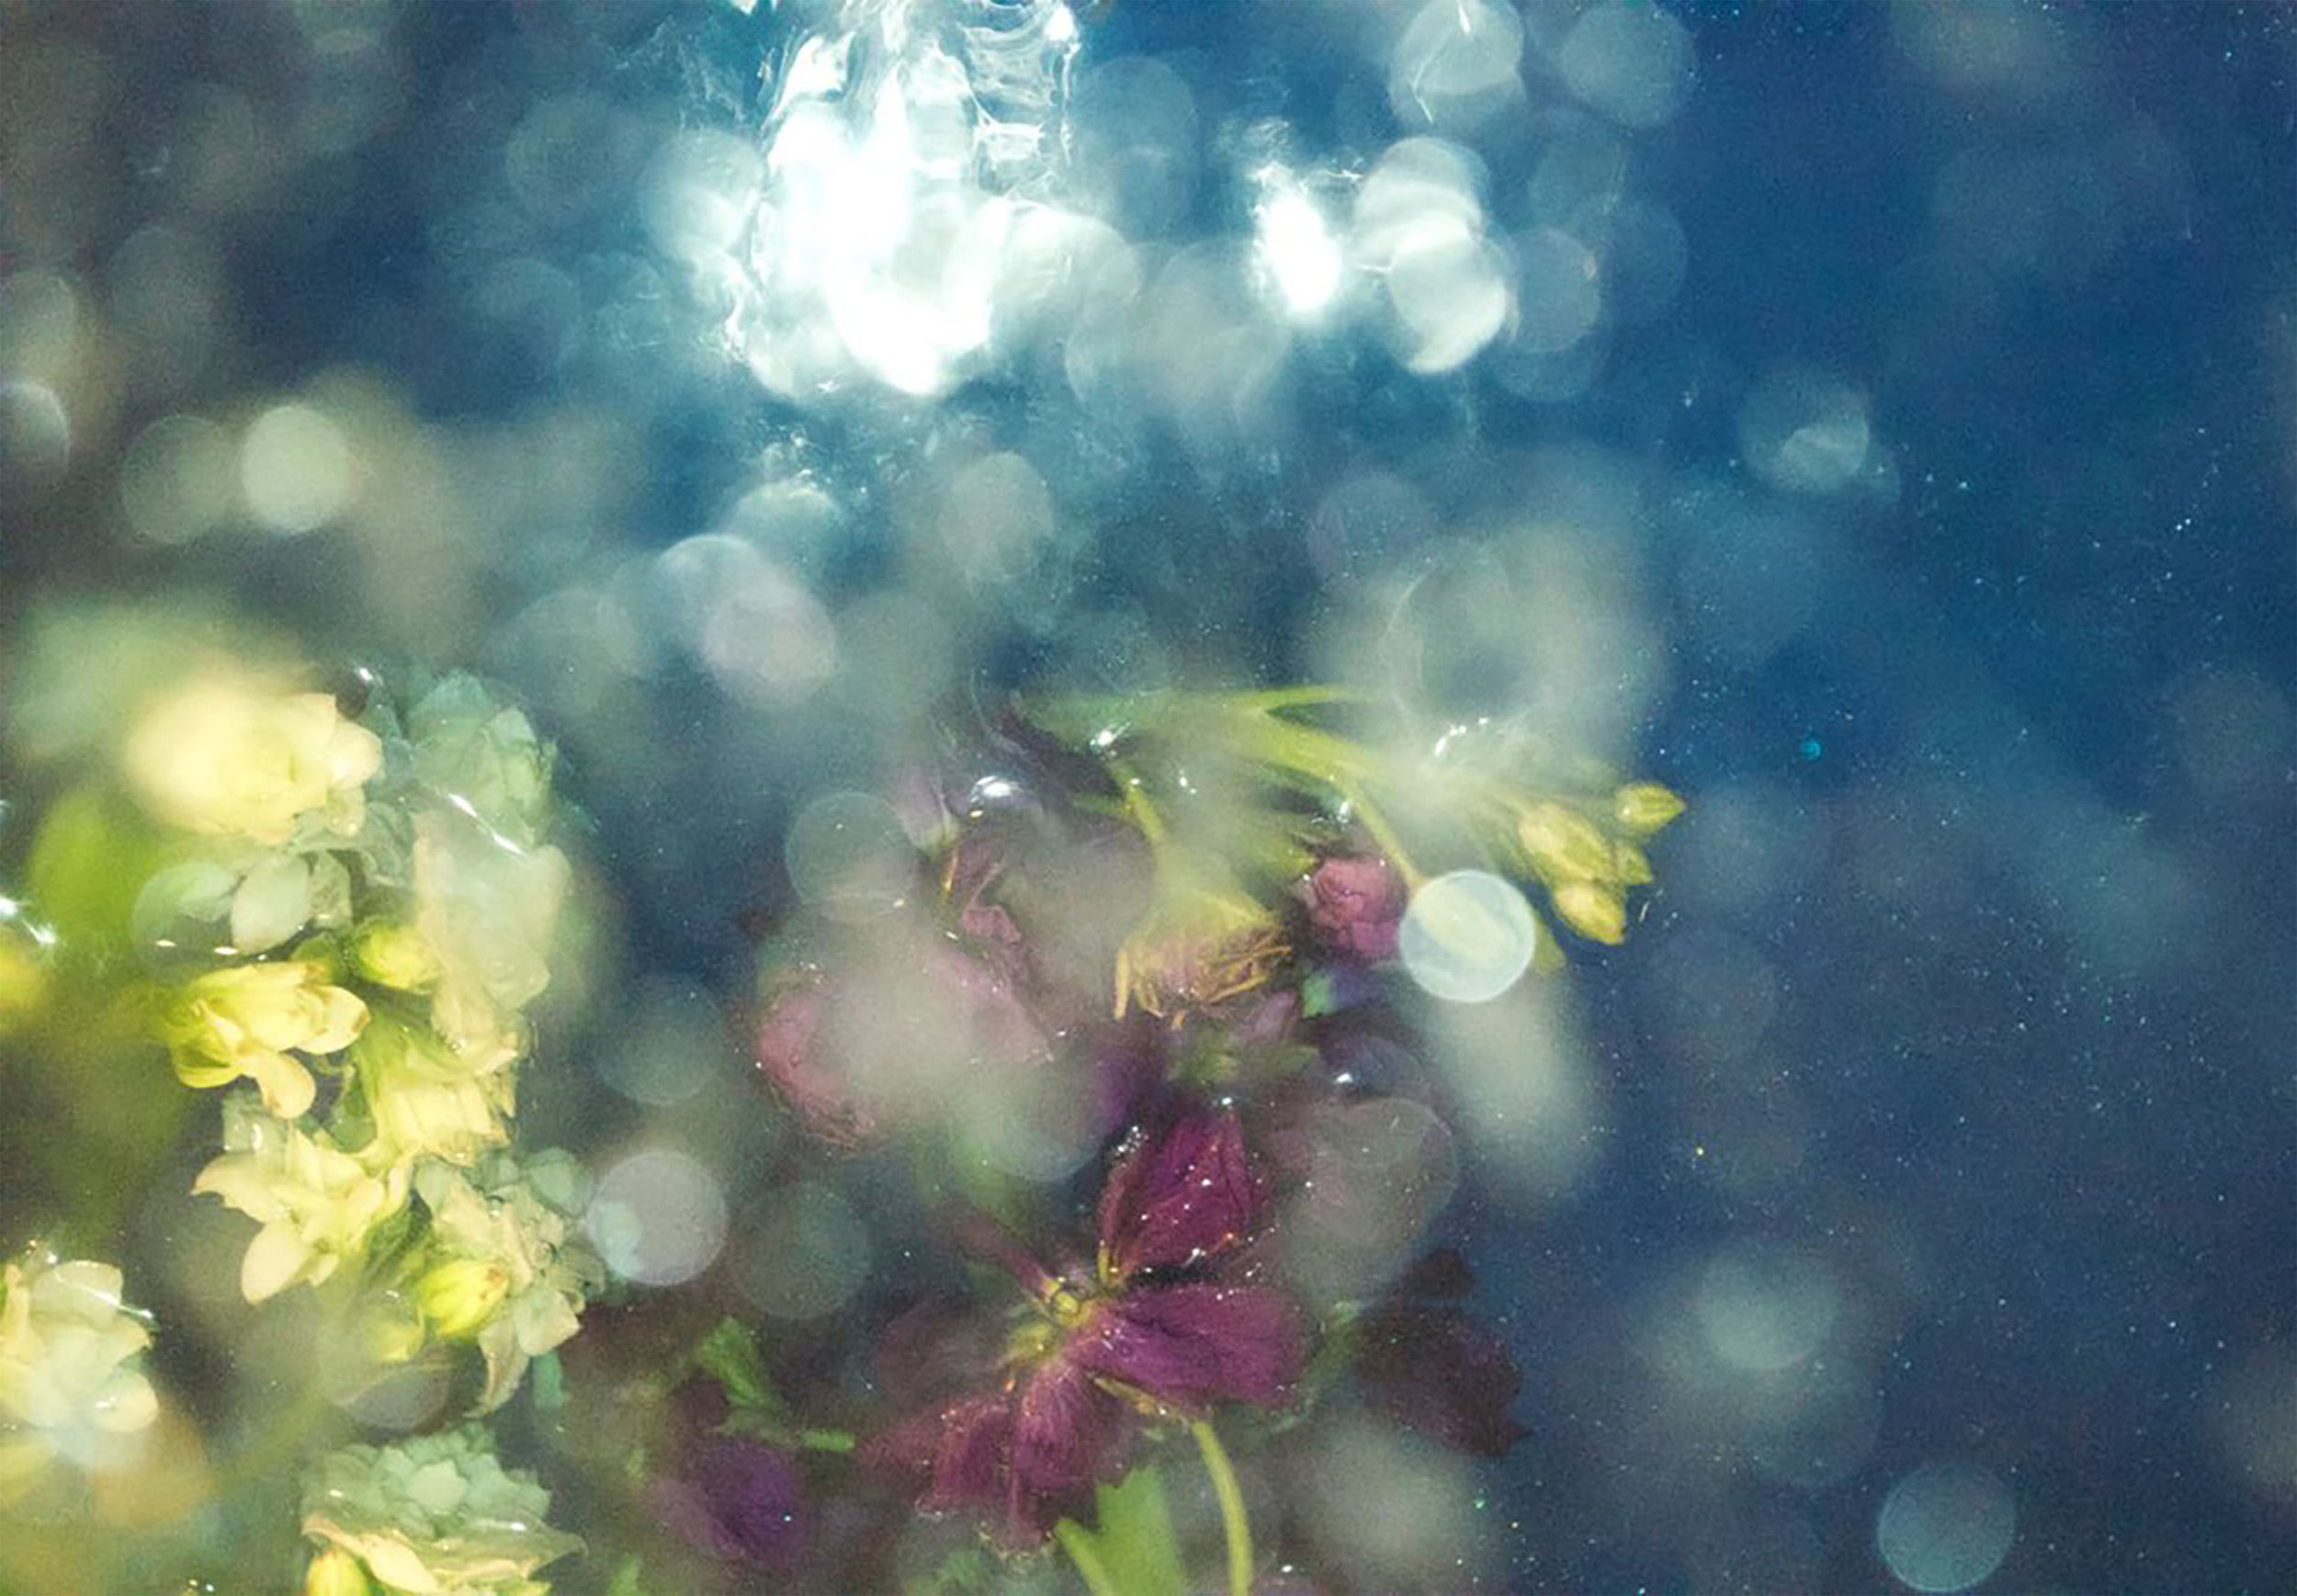 02_Cronin_Wondrous Water.jpg